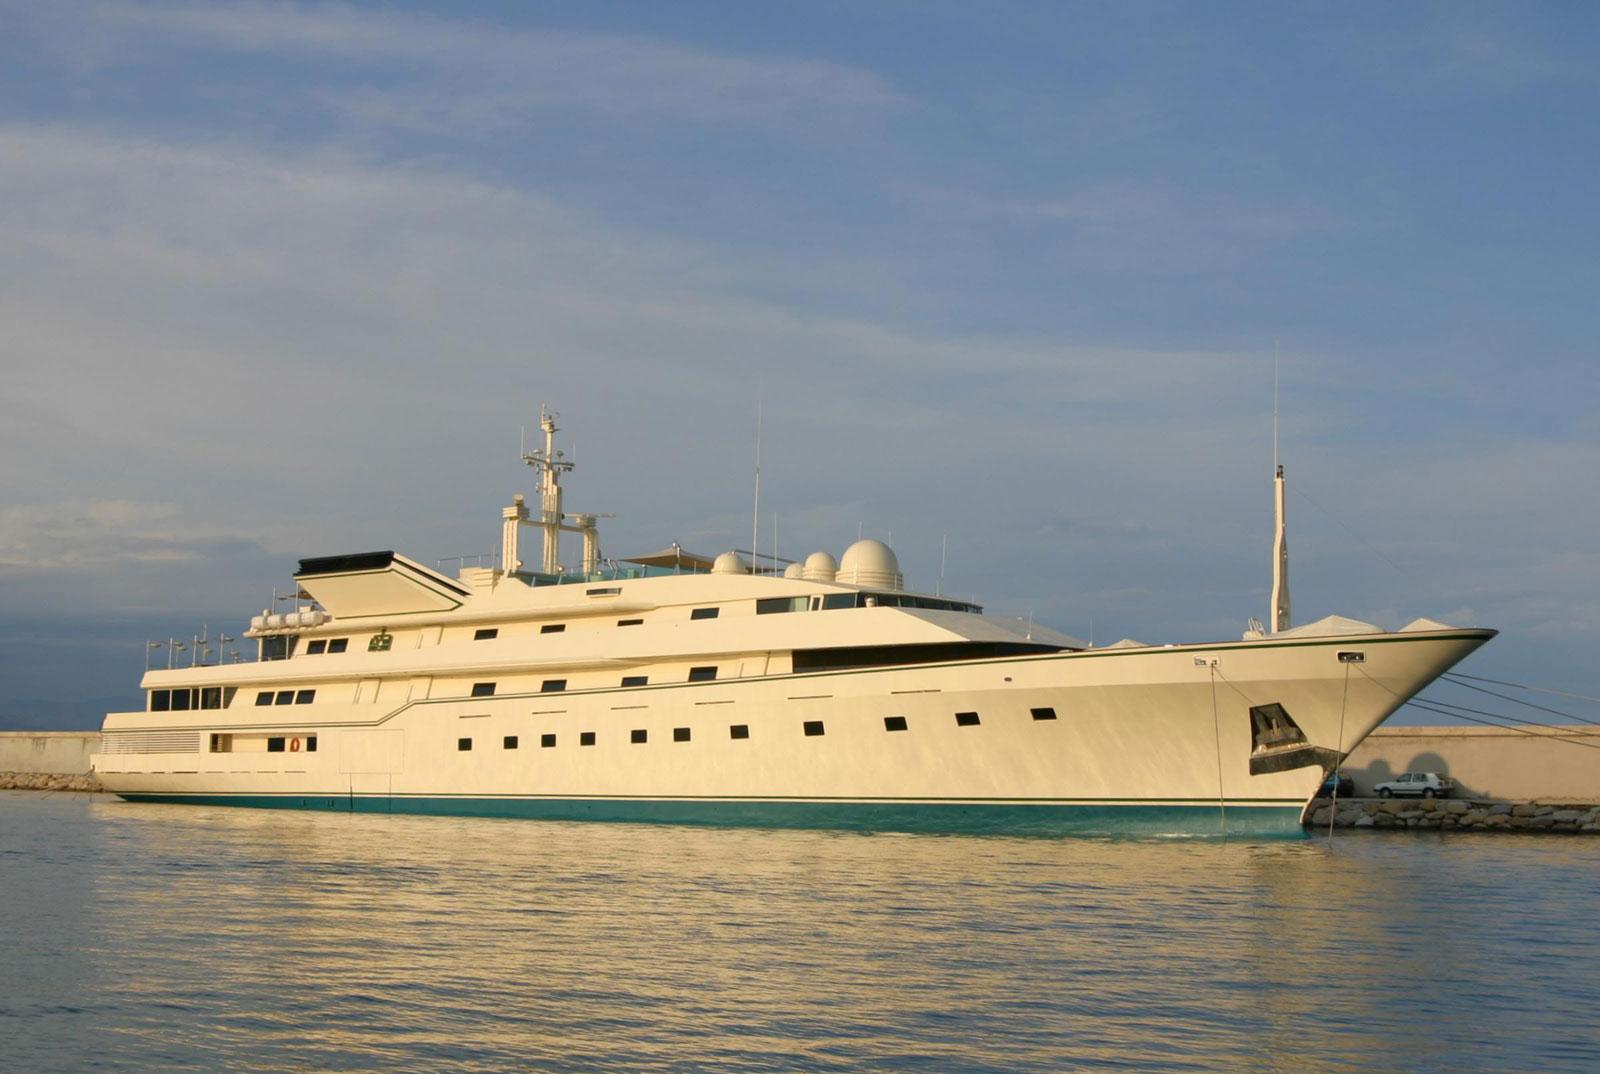 Prince Al-Waleed Bin Talal's Yacht.